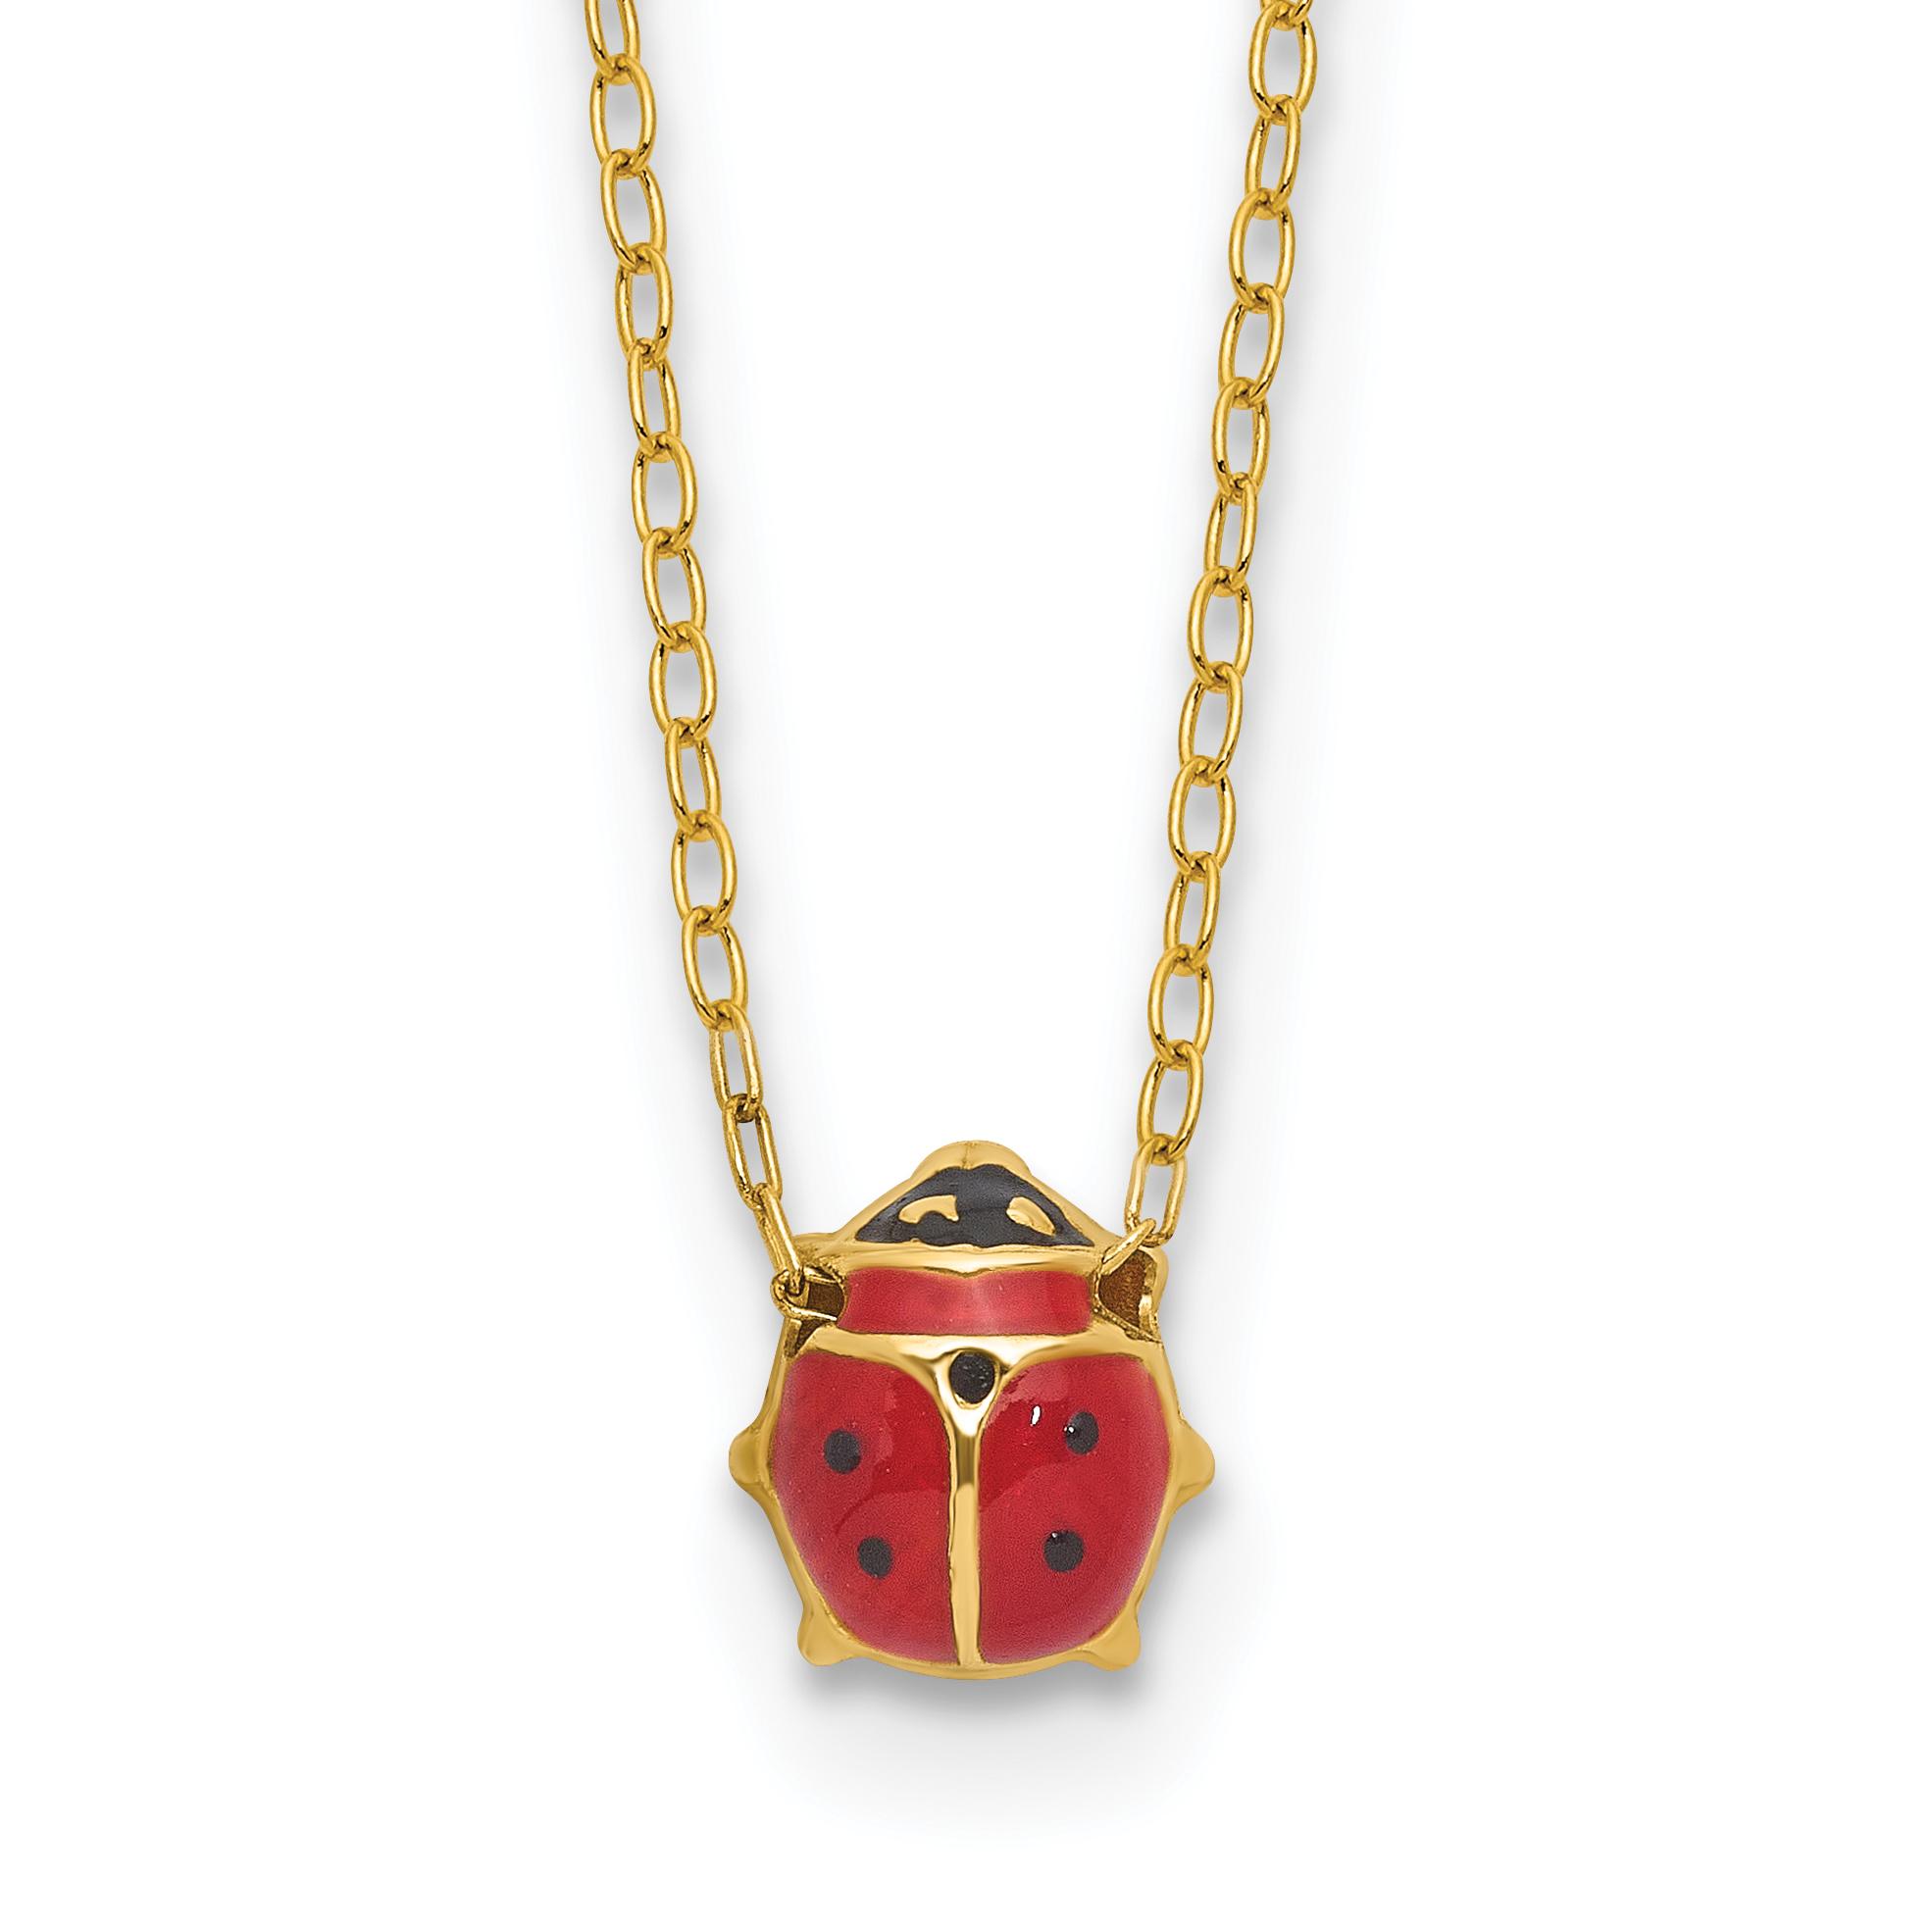 Gold 18k with enamelled ladybug necklace